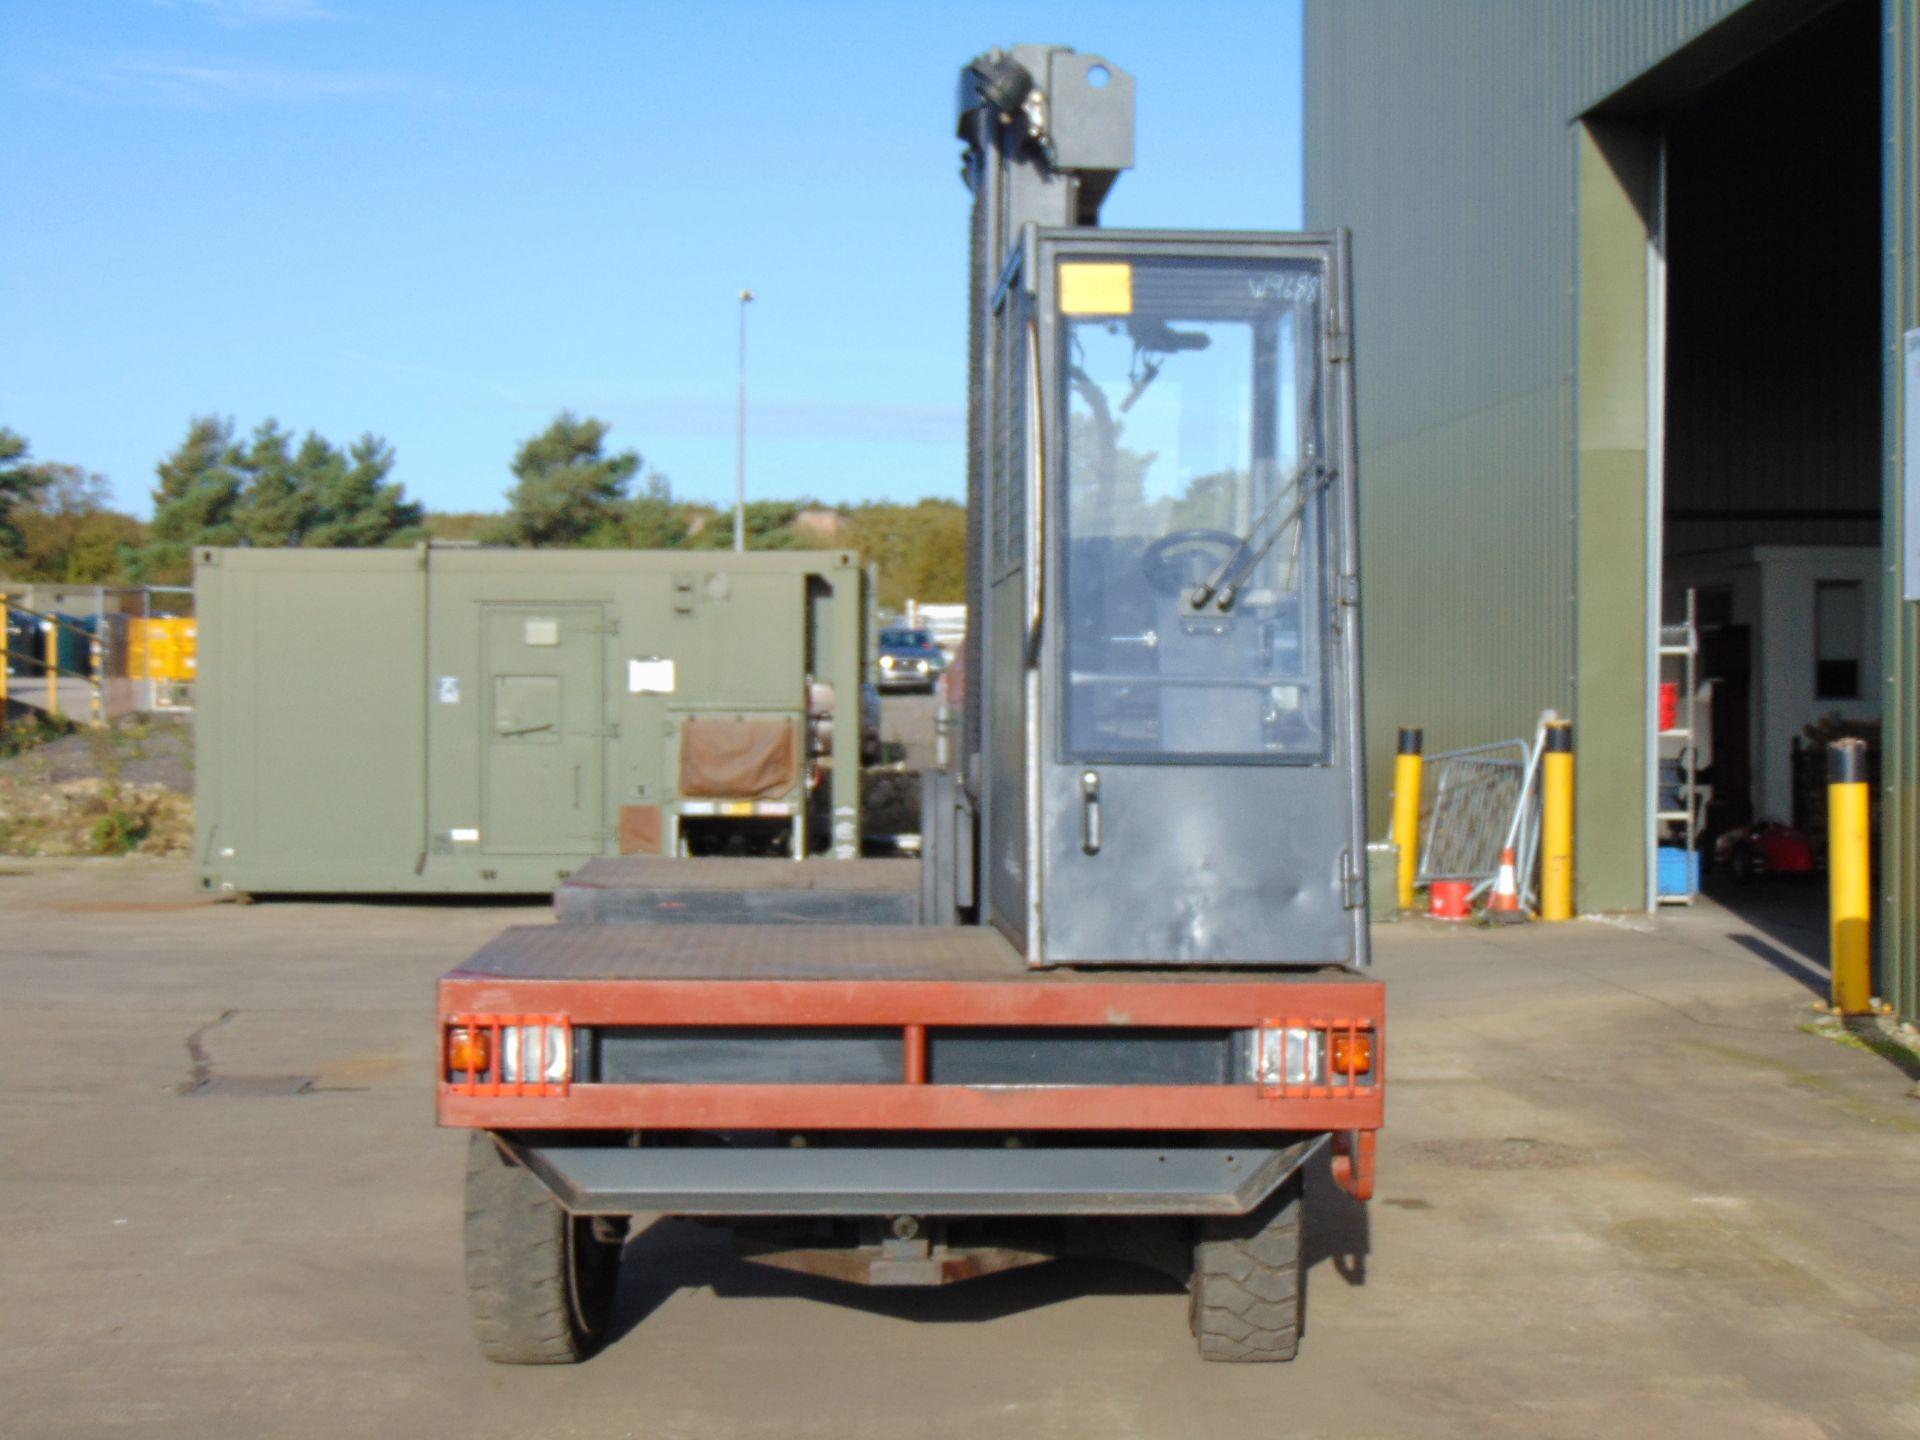 Lot 16 - Linde S50 Sideloader Diesel Forklift